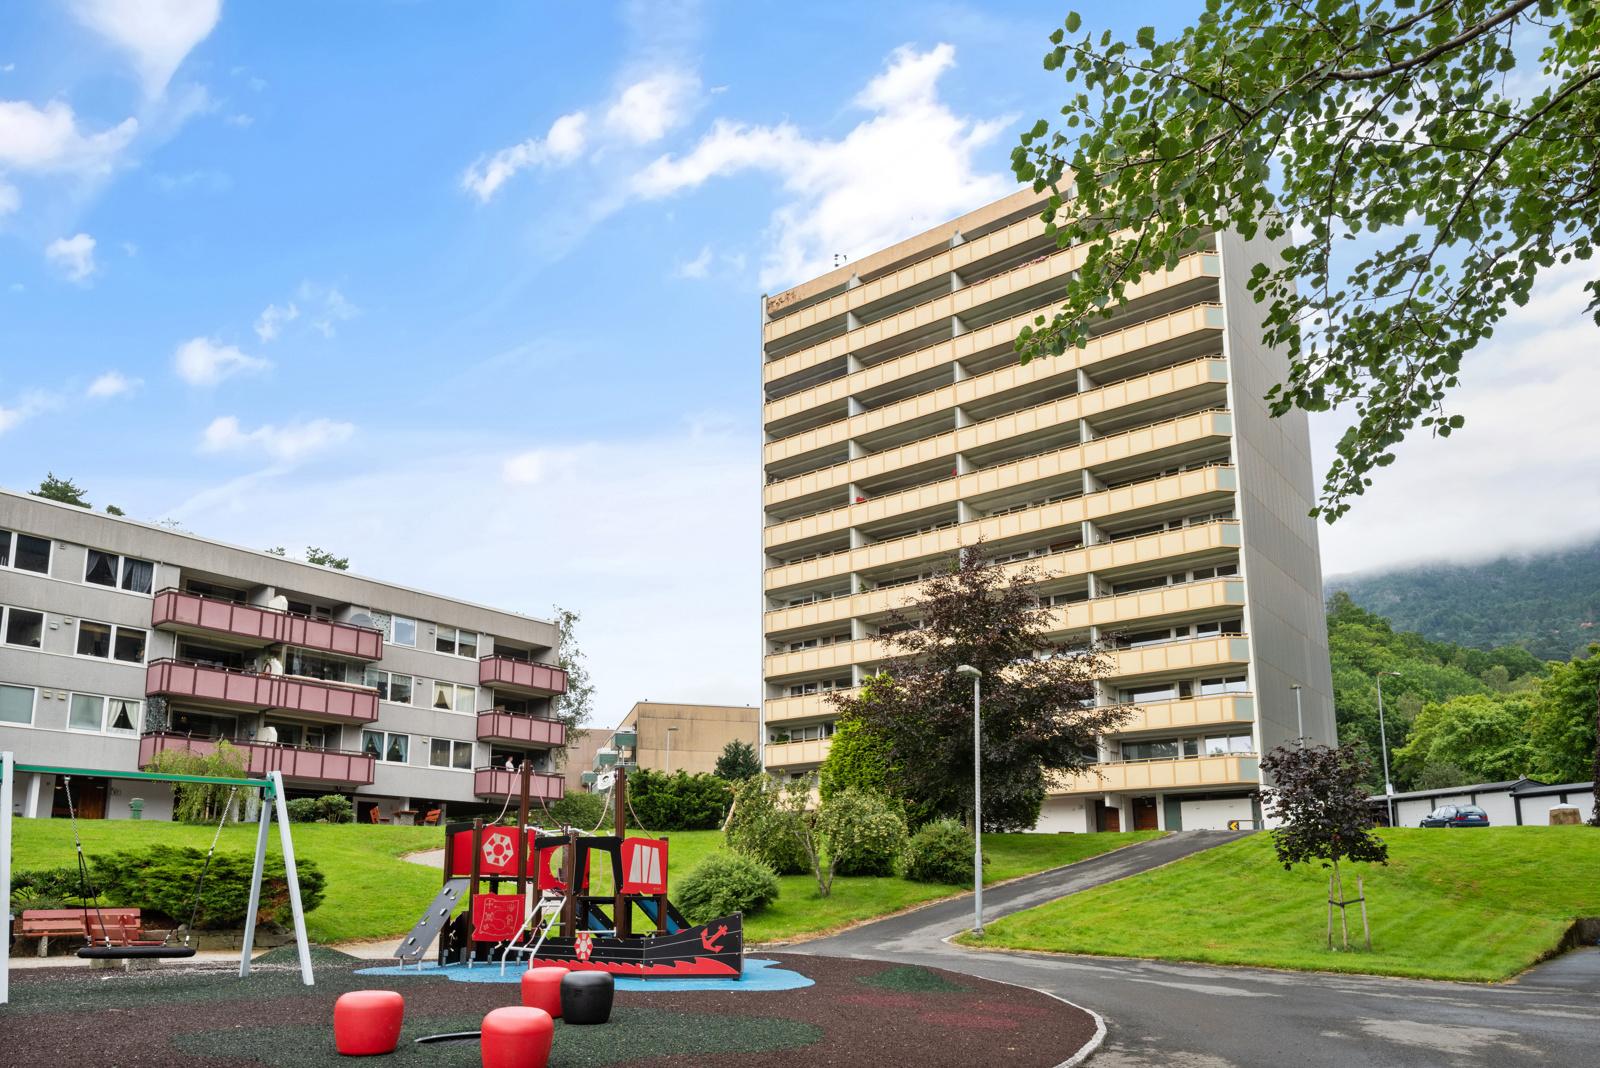 Laila Flinterud har gleden av å presentere modernisert 3-roms i 11. etasje sentralt i Fyllingsdalen!